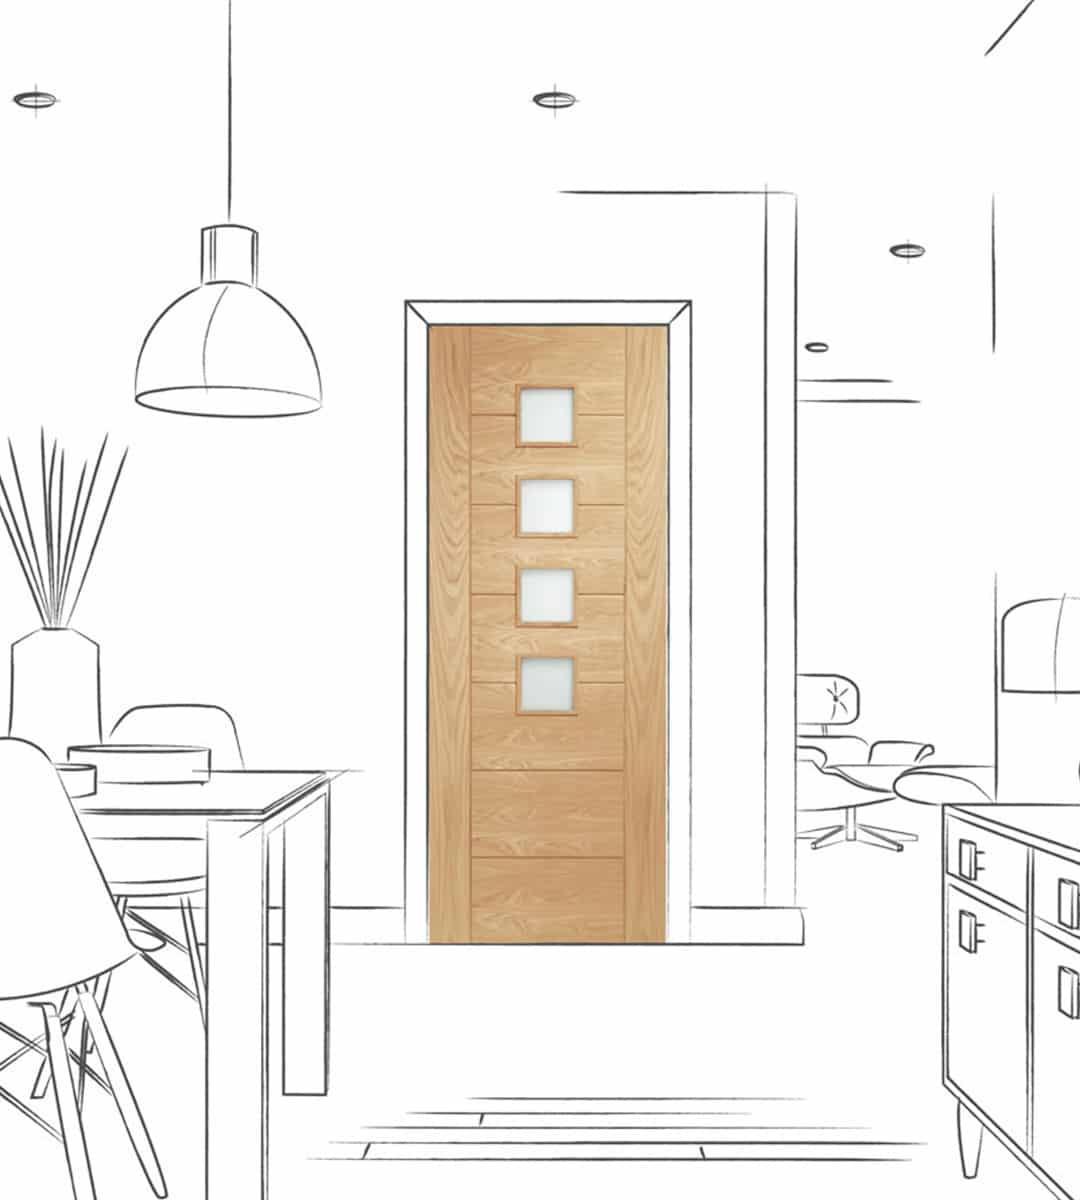 palermo interior glass door obscure glazed kitchen door